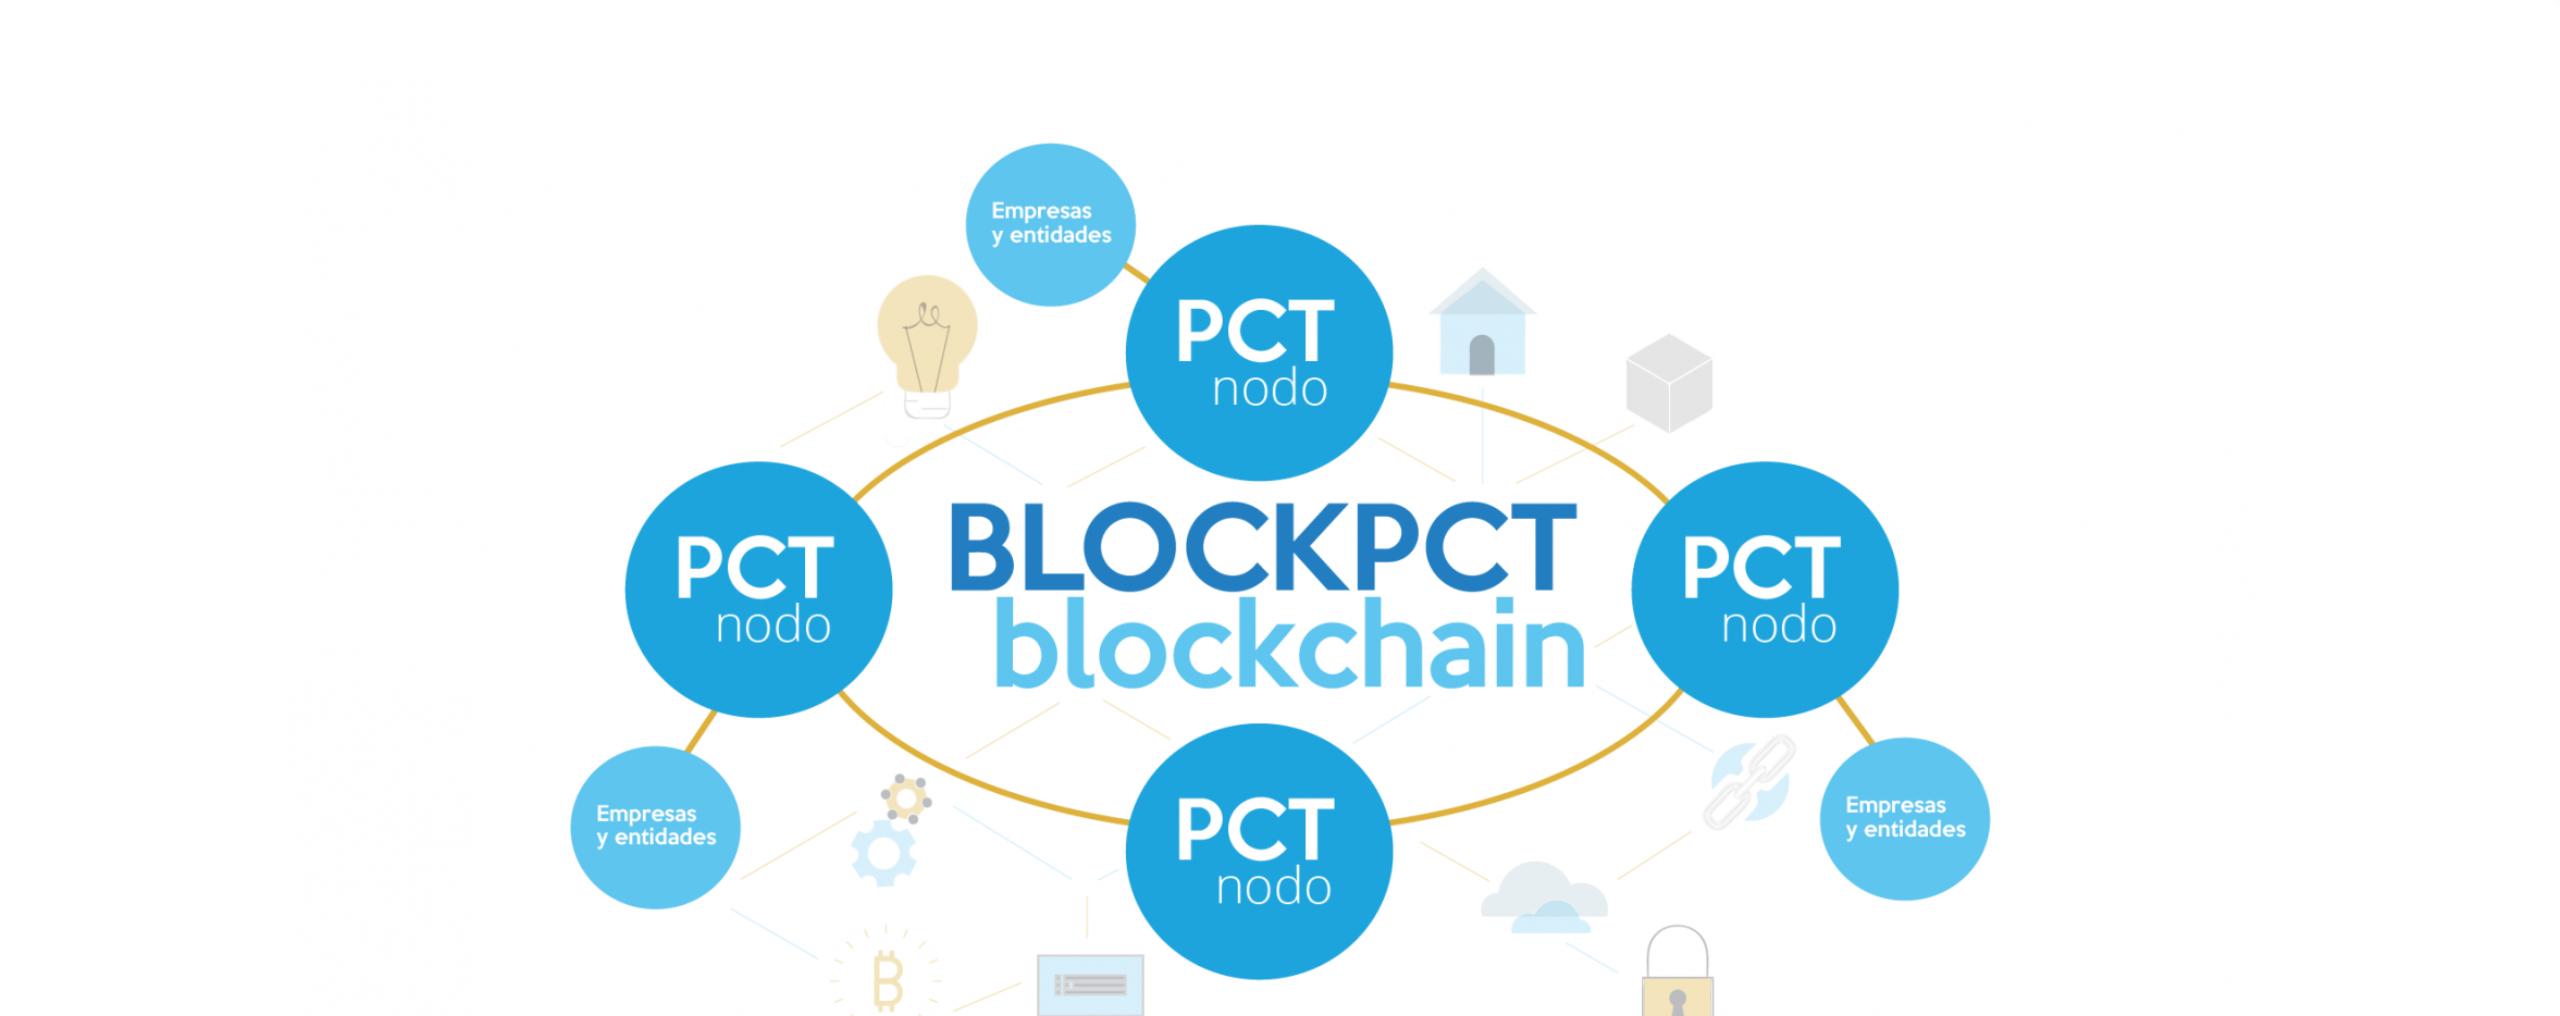 Banner-blockpct